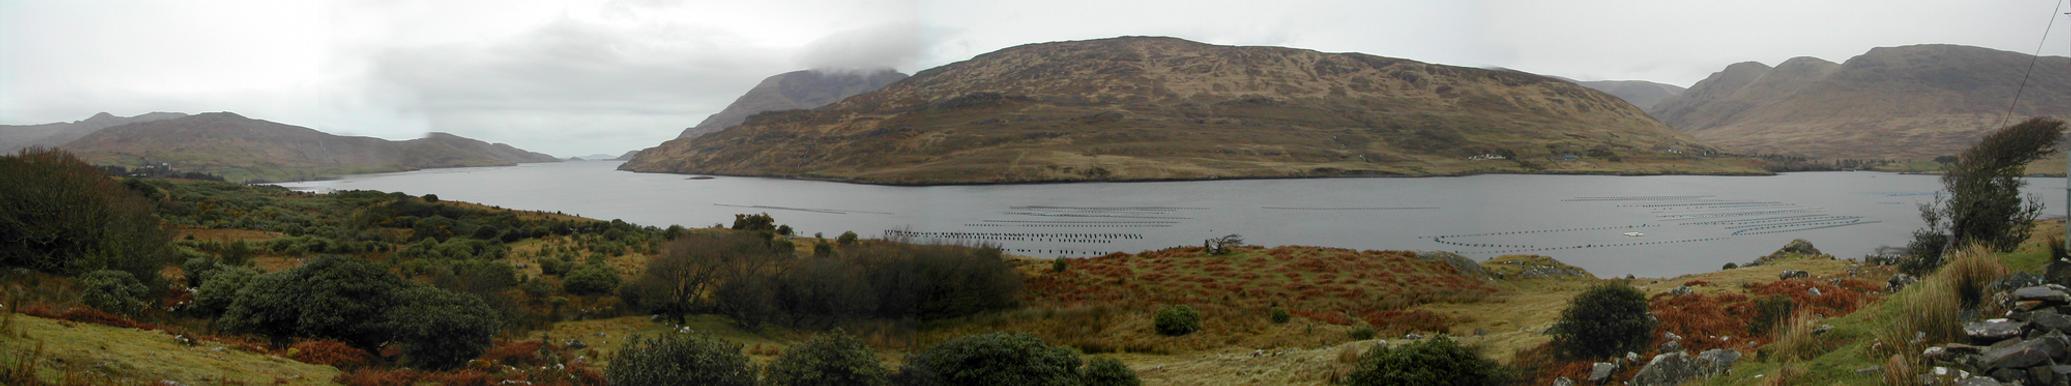 Fjord Panorama by Ojanpohja